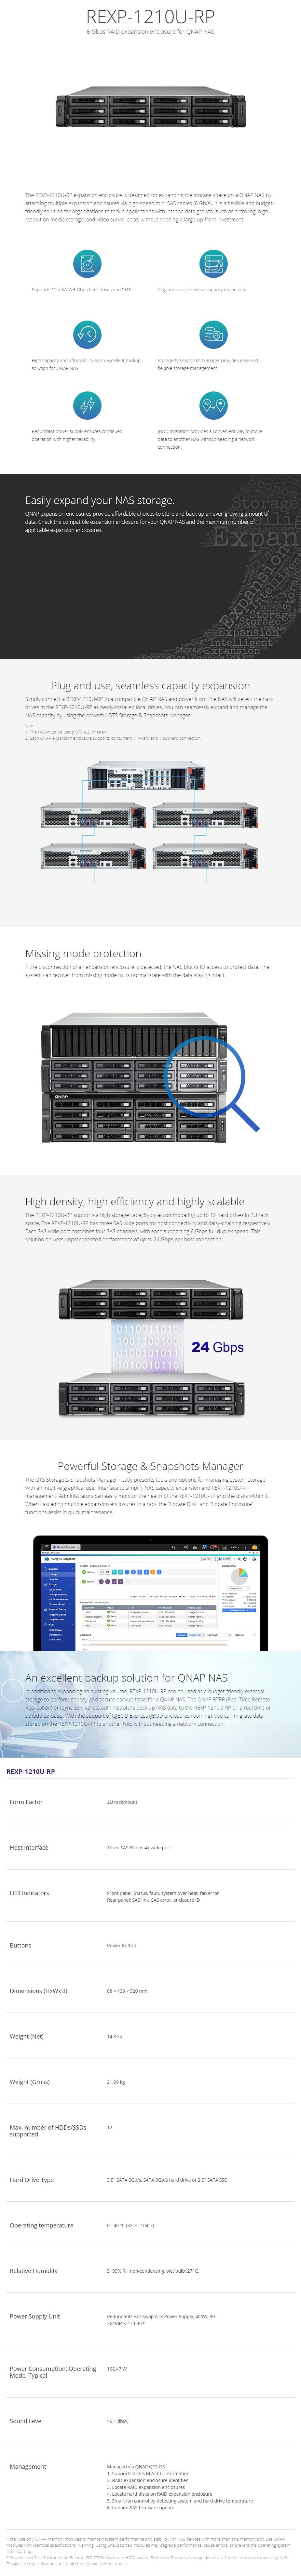 QNAP REXP-1210U-RP 12 Bay Expansion Enclosure for QNAP NAS - Overview 1